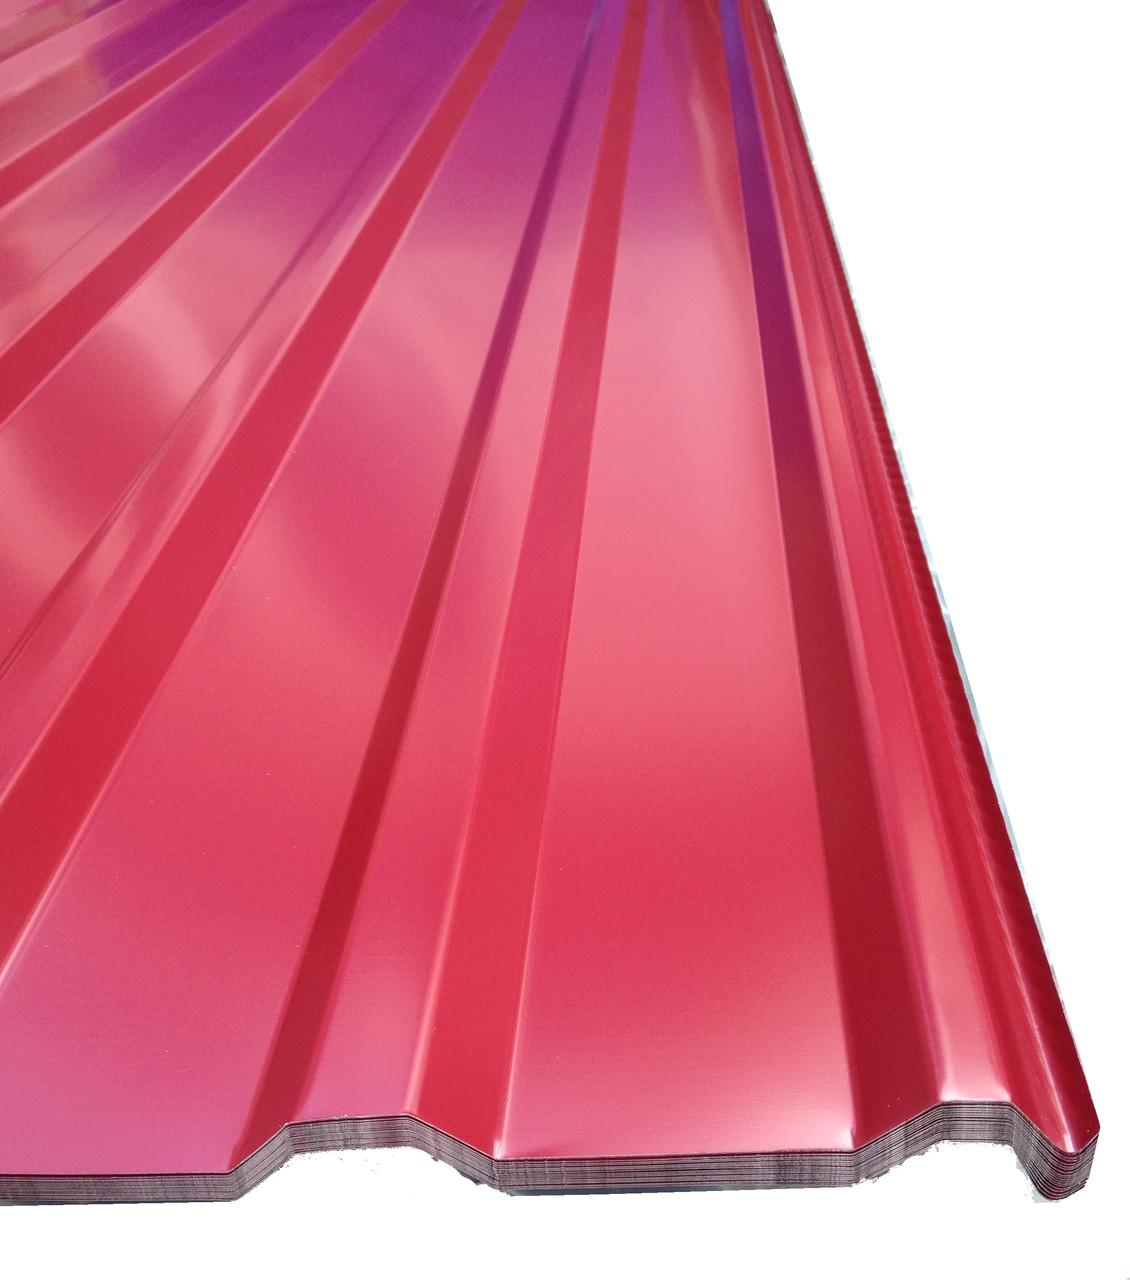 Профнастил кровельный  ПК-20 красный толщина 0,30 размер 1,5Х1,15м